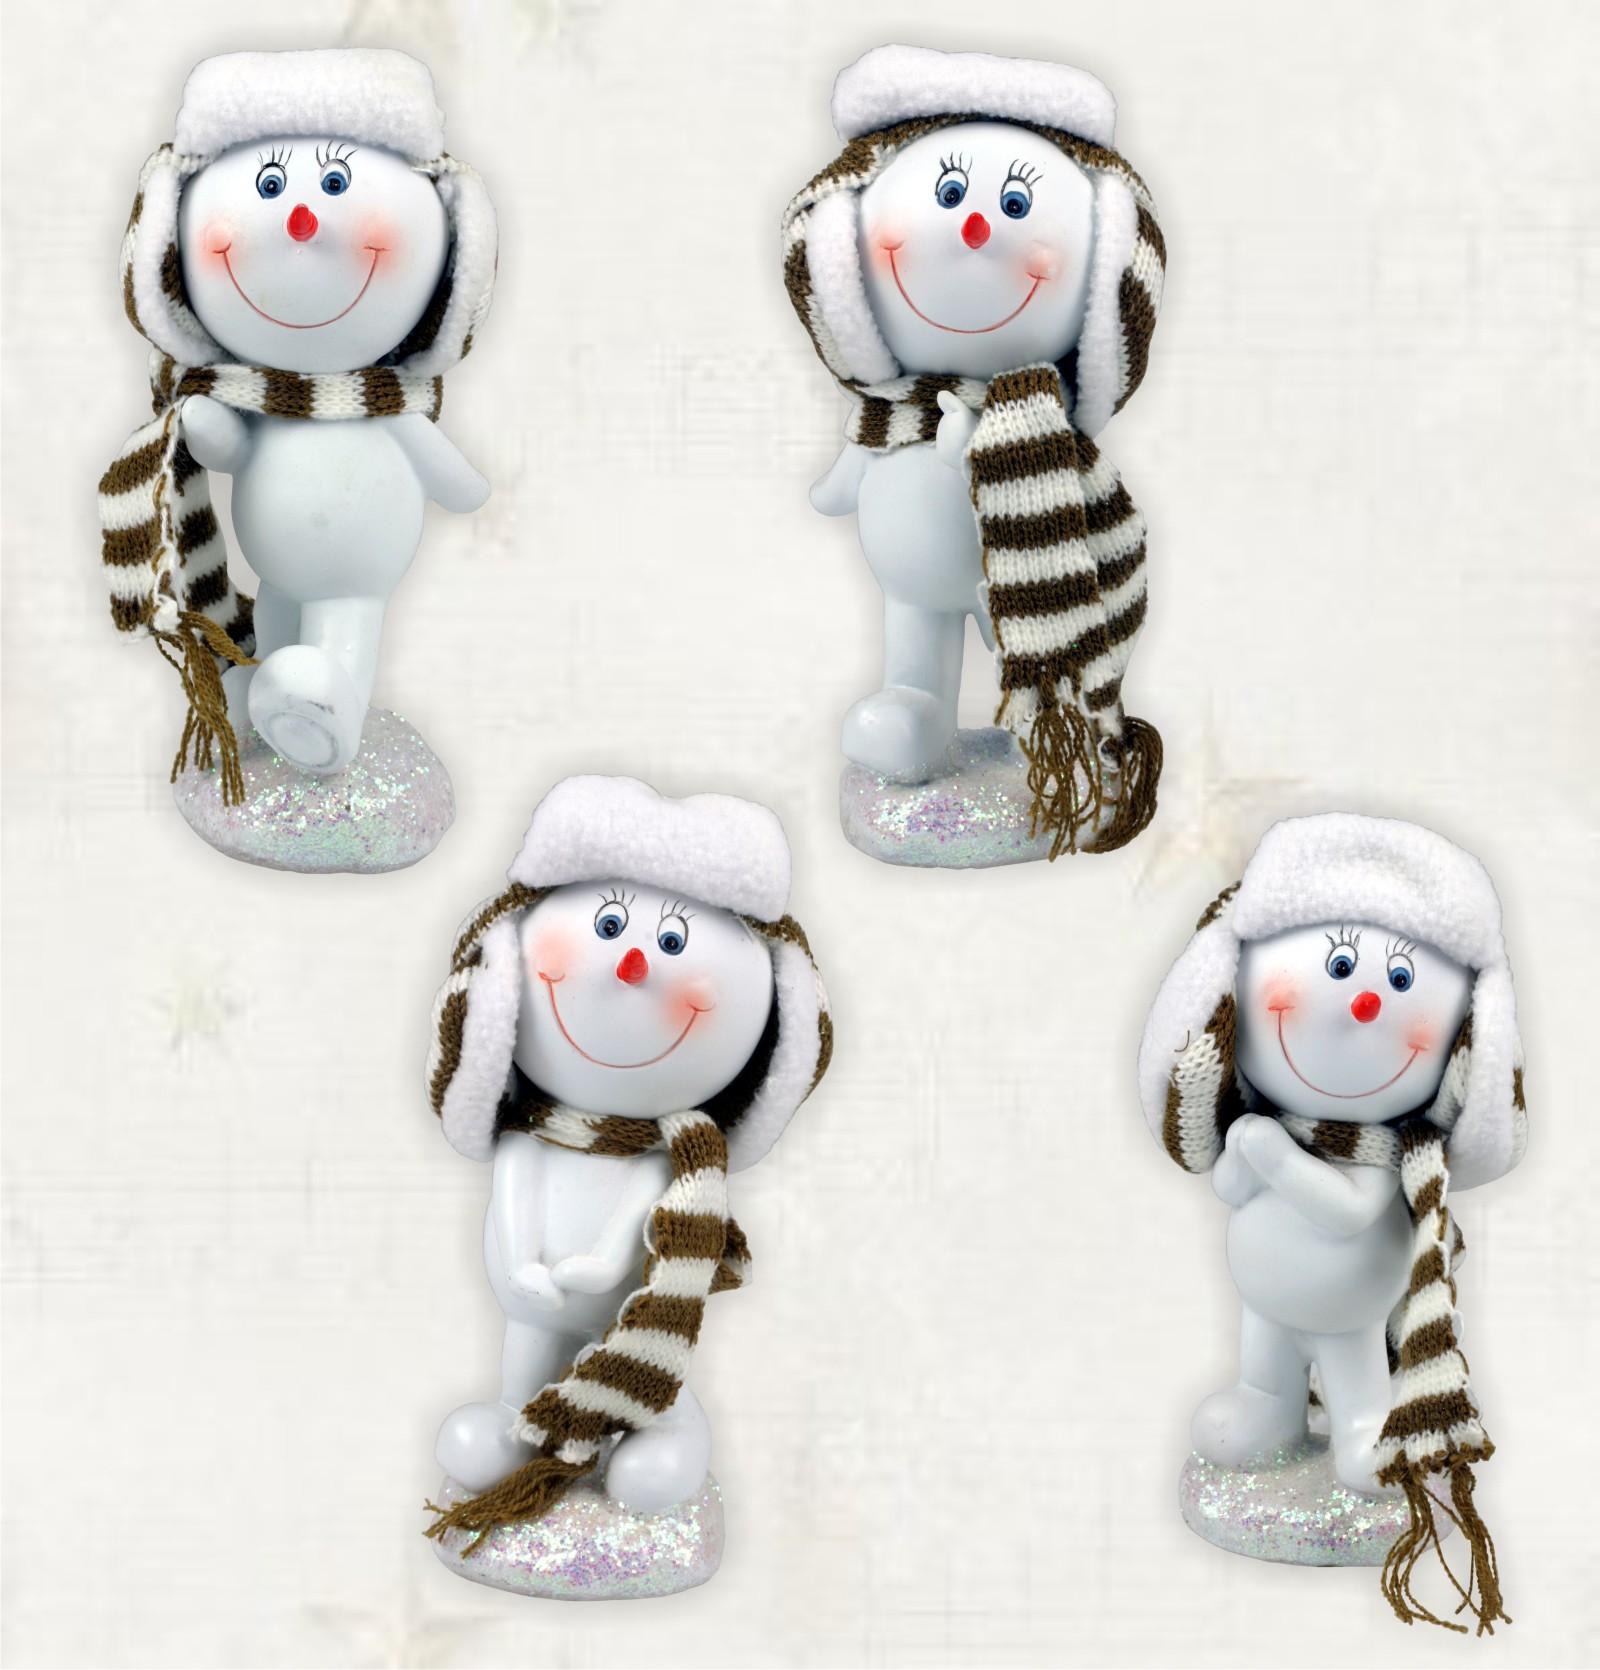 Polystone weihnachtsfiguren schneemann mit schal - Ebay weihnachtsdeko ...